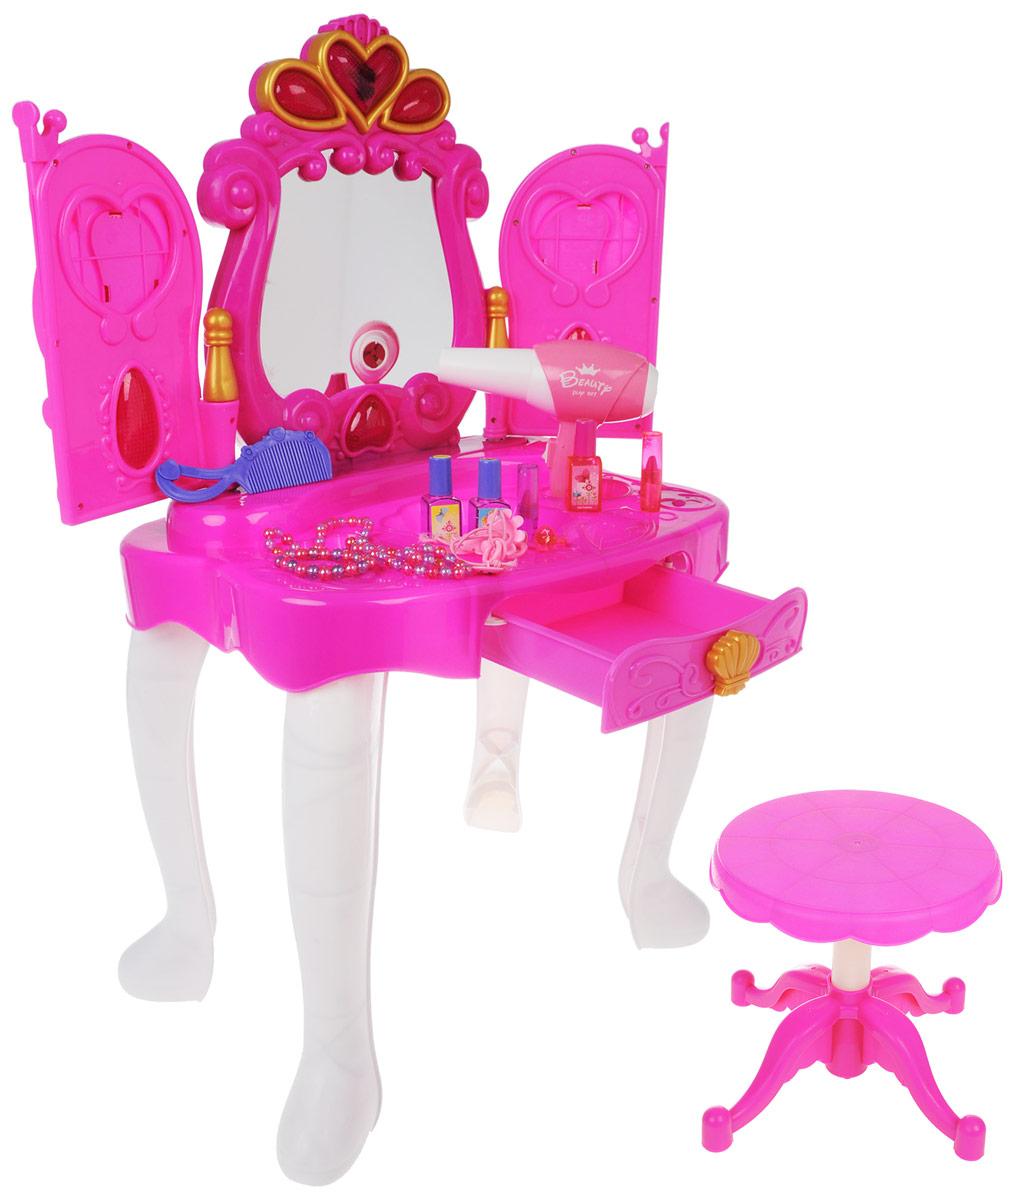 Altacto Интерактивное трюмо Прекрасная принцессаALT0202-103Позвольте вашей девочке почувствовать себя принцессой с интерактивным трюмо Altacto Прекрасная принцесса. Стоит лишь махнуть рукой - створки зеркала открываются и закрываются благодаря сенсорному датчику, реагирующему на движения. В зеркале появляется принцесса. Все это происходит под звуковые и световые эффекты. Ящик в столе выдвигается - в нем можно хранить свои украшения. В комплект входят элементы для сборки трюмо и стульчика, а также фен со звуковыми эффектами, аксессуары (3 лака для ногтей, 2 помады, 2 резинки для волос, 2 кольца, расческа, ожерелье и браслеты). В дверцы трюмо можно вставить свое фото или картинки принцессы. Все элементы изделия изготовлены из высококачественного материала. Порадуйте своего ребенка таким замечательным подарком! Для работы трюмо необходимо купить 3 батарейки напряжением 1,5V типа АА (не входят в комплект); для работы фена одну батарейку напряжением 1,5V типа АА (не входит в комплект).